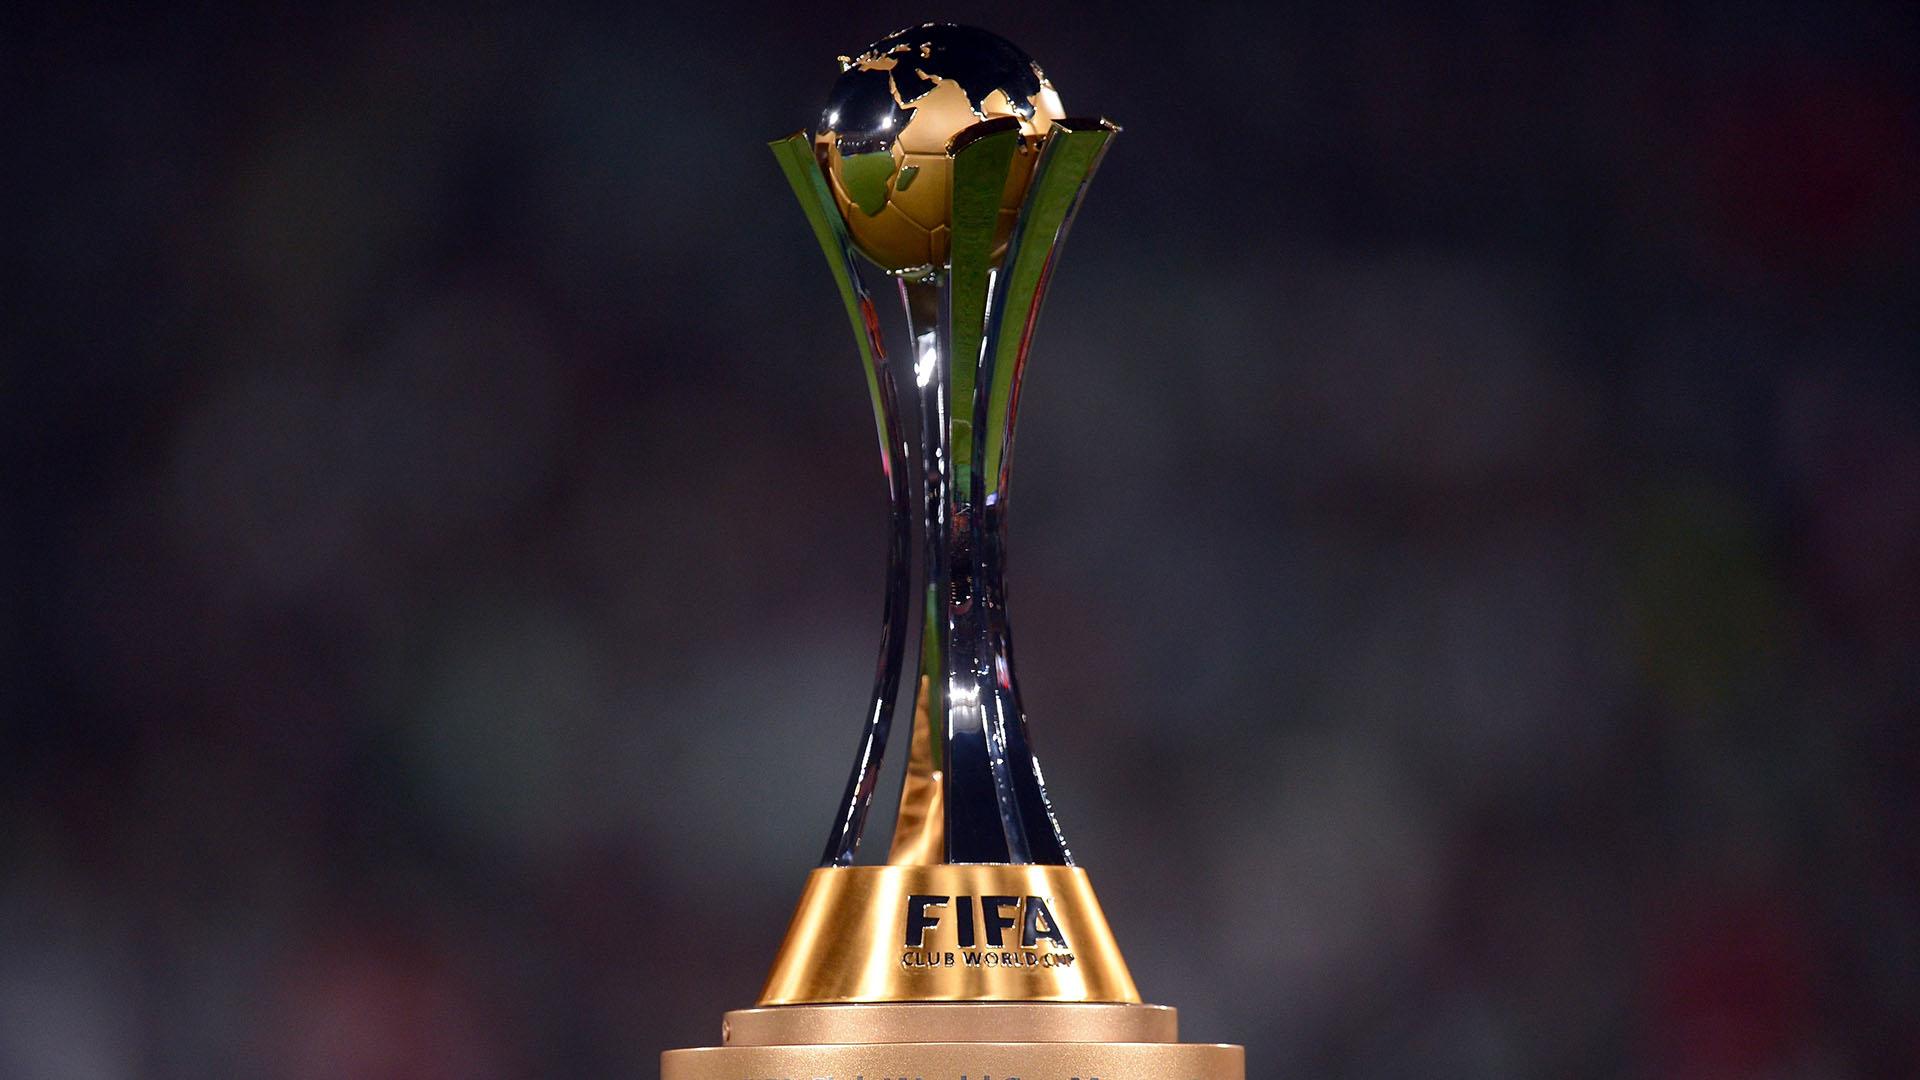 الفيفا يخطط إلى تغييرات جذرية على بطولة كأس العالم للأندية